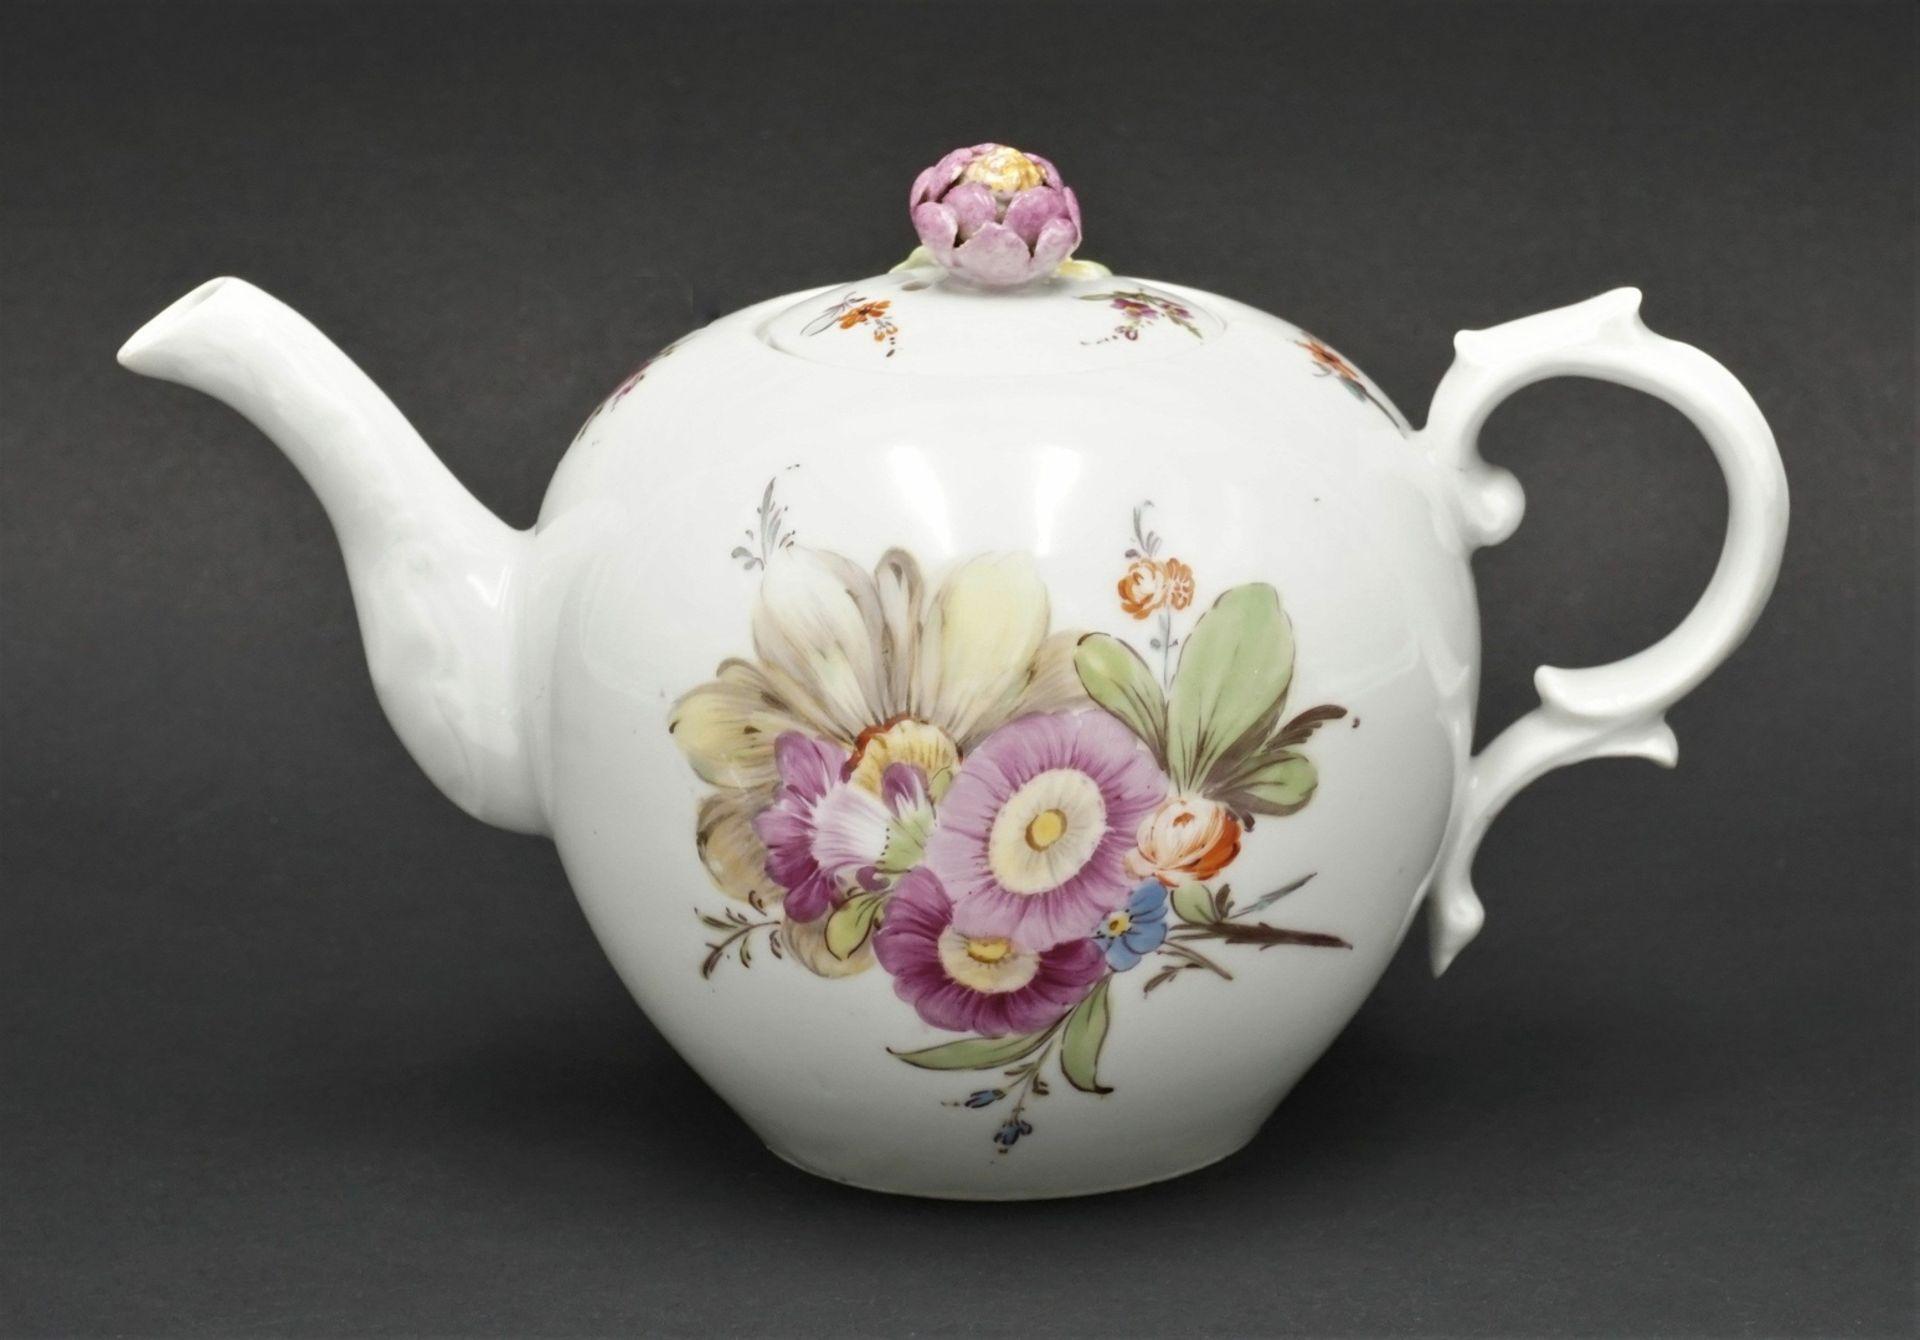 Fürstenberg Teekanne mit Blumenmalerei - Bild 2 aus 4